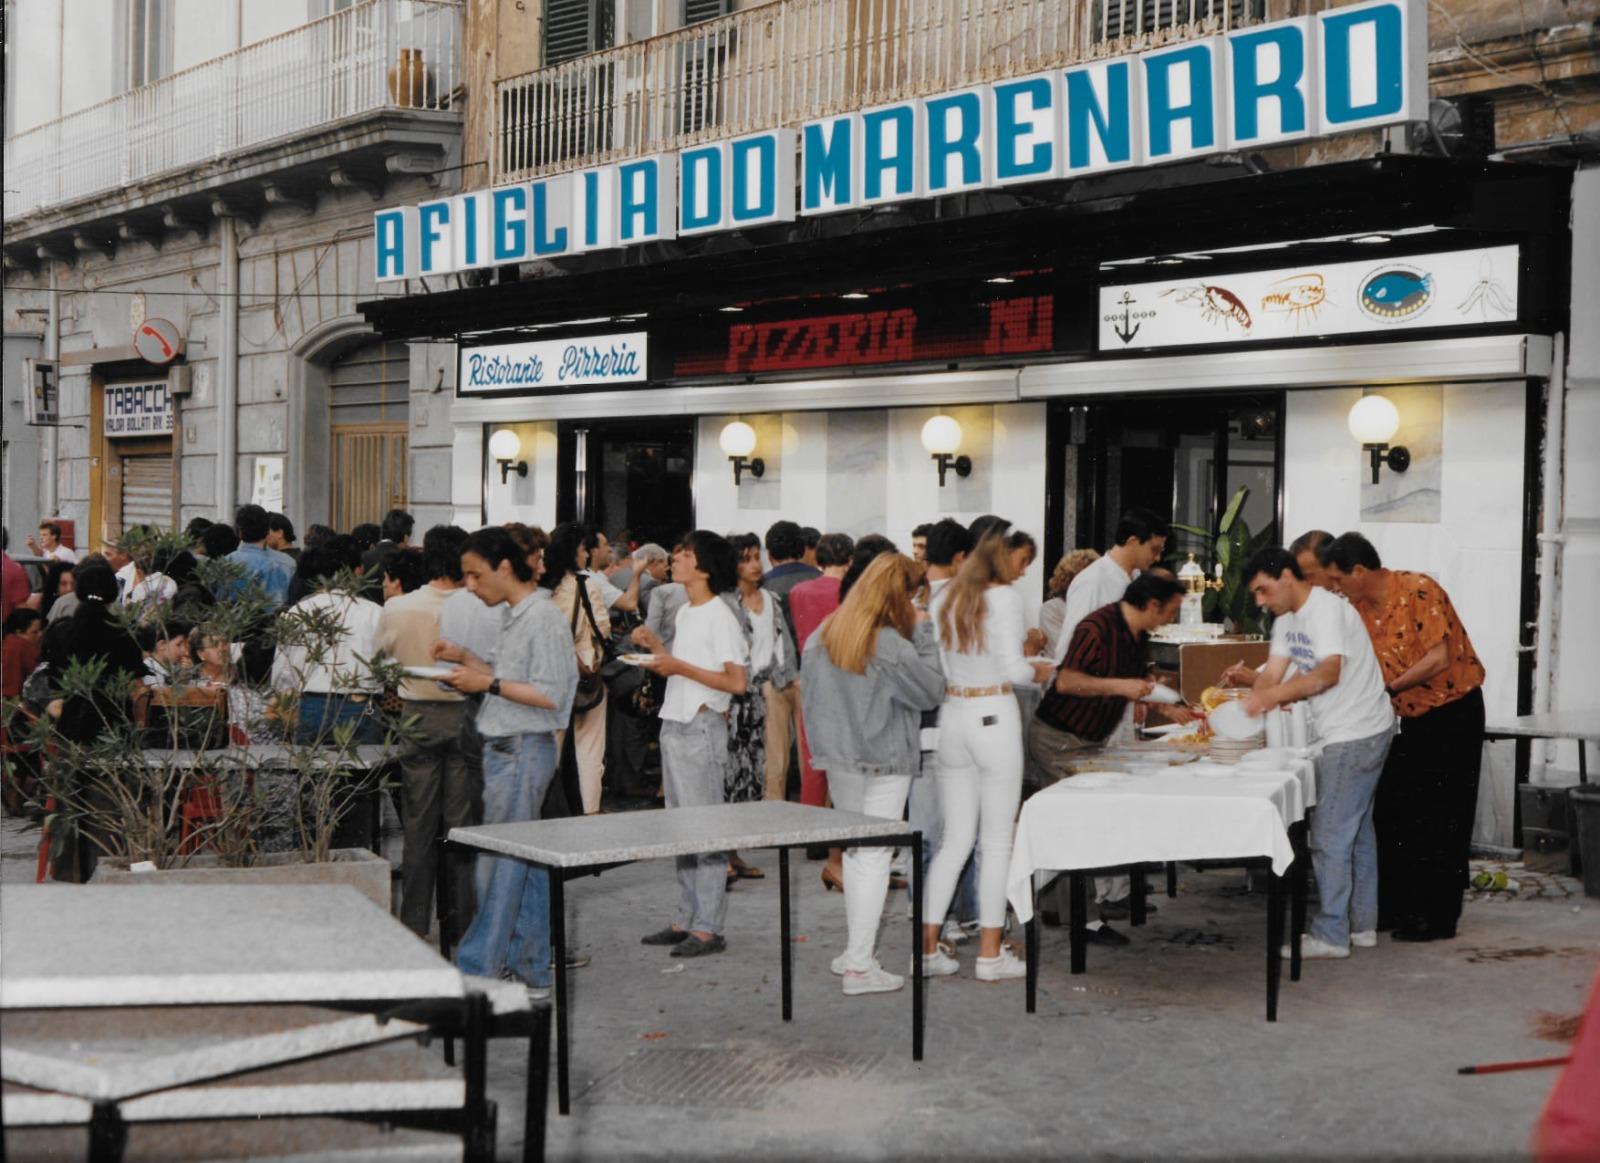 30 anni fa l'apertura a via Foria 'a figlia d''o marenaro